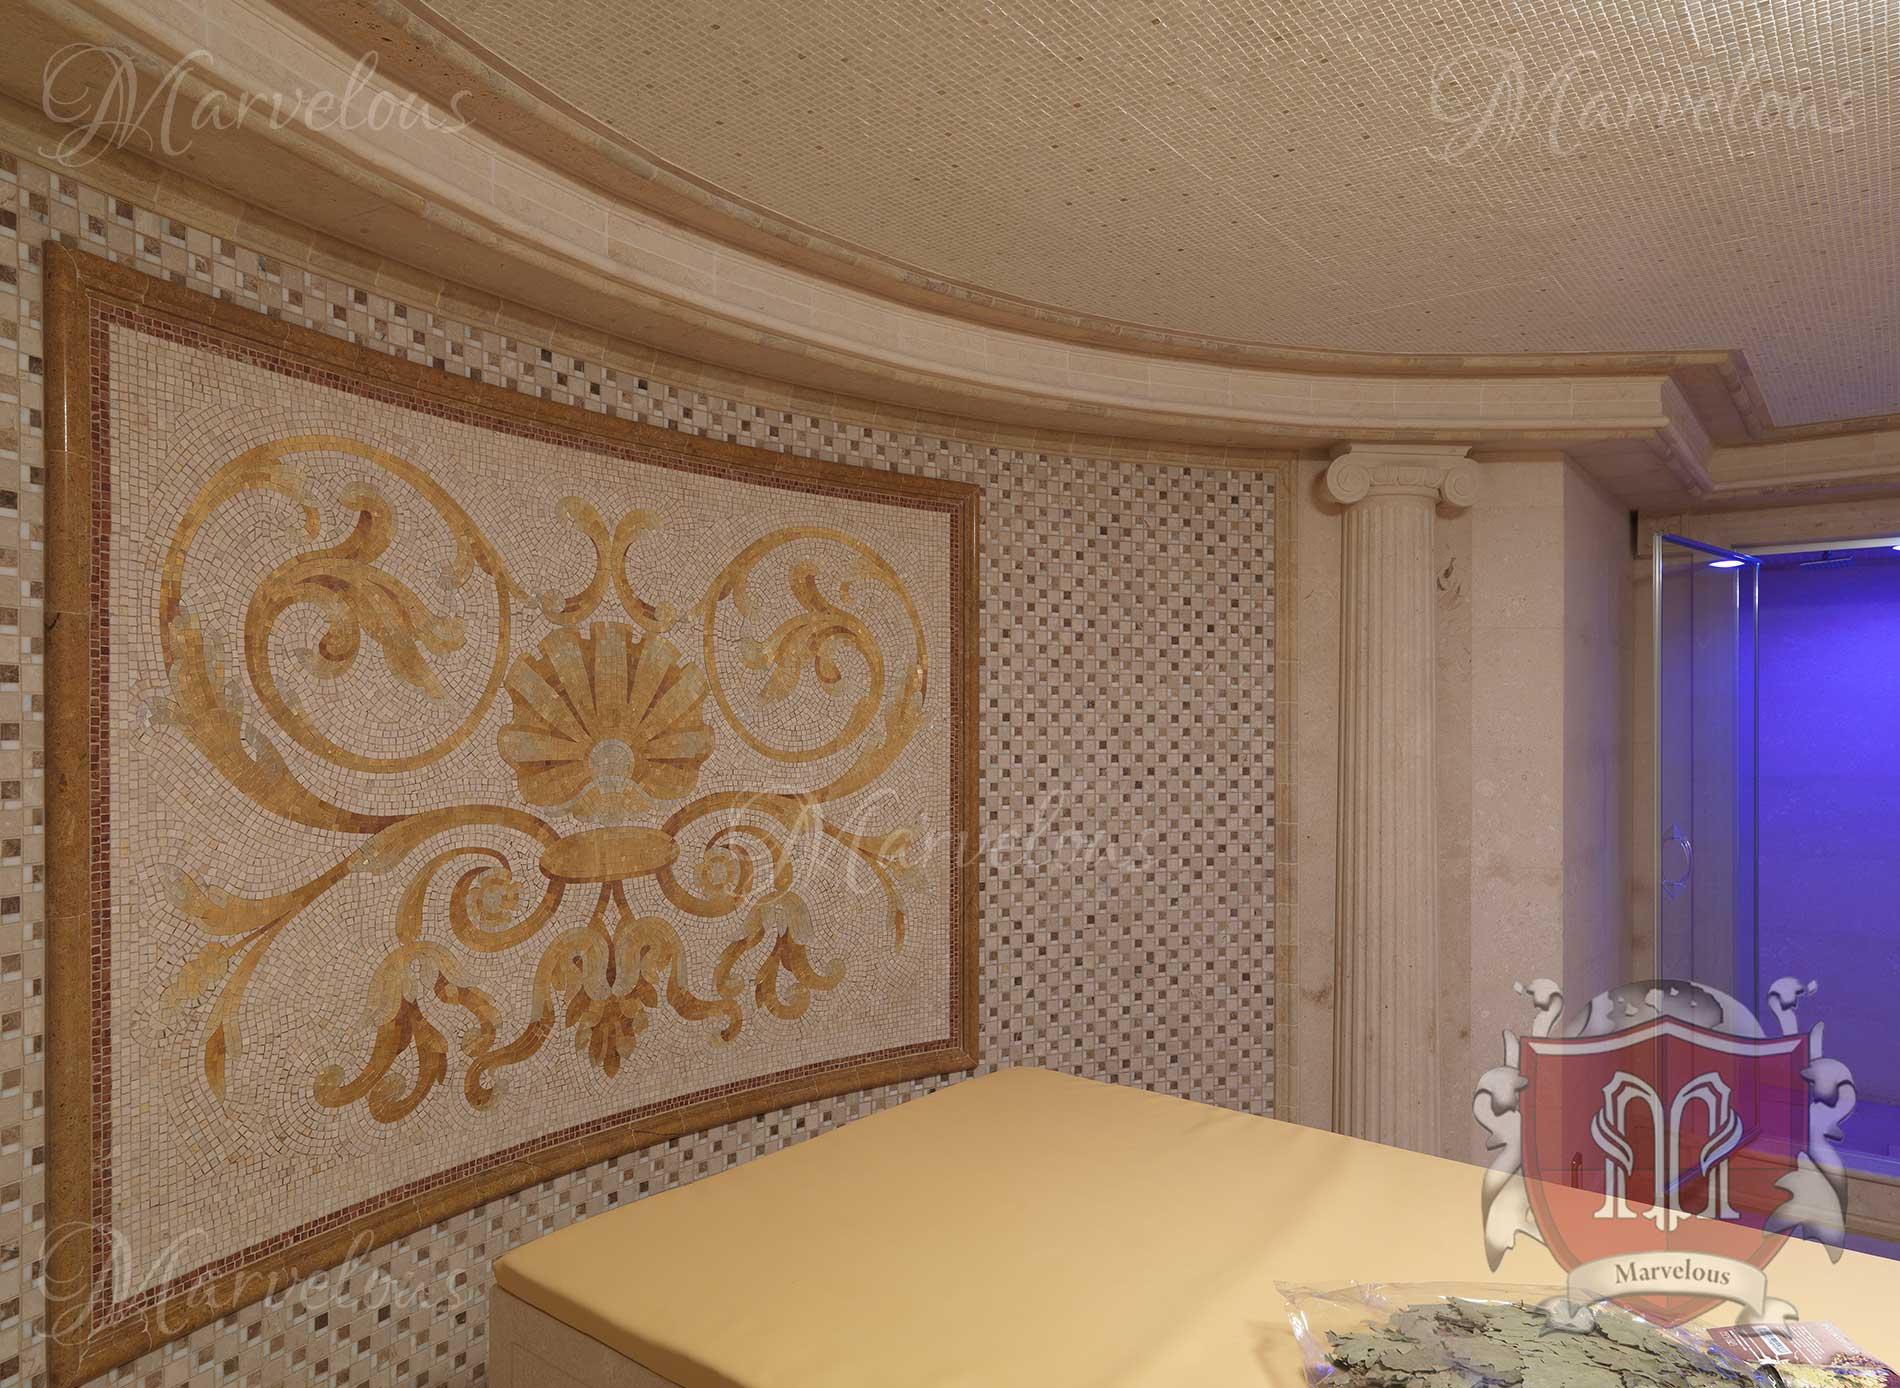 Marble Wall Mosaic: Sonata